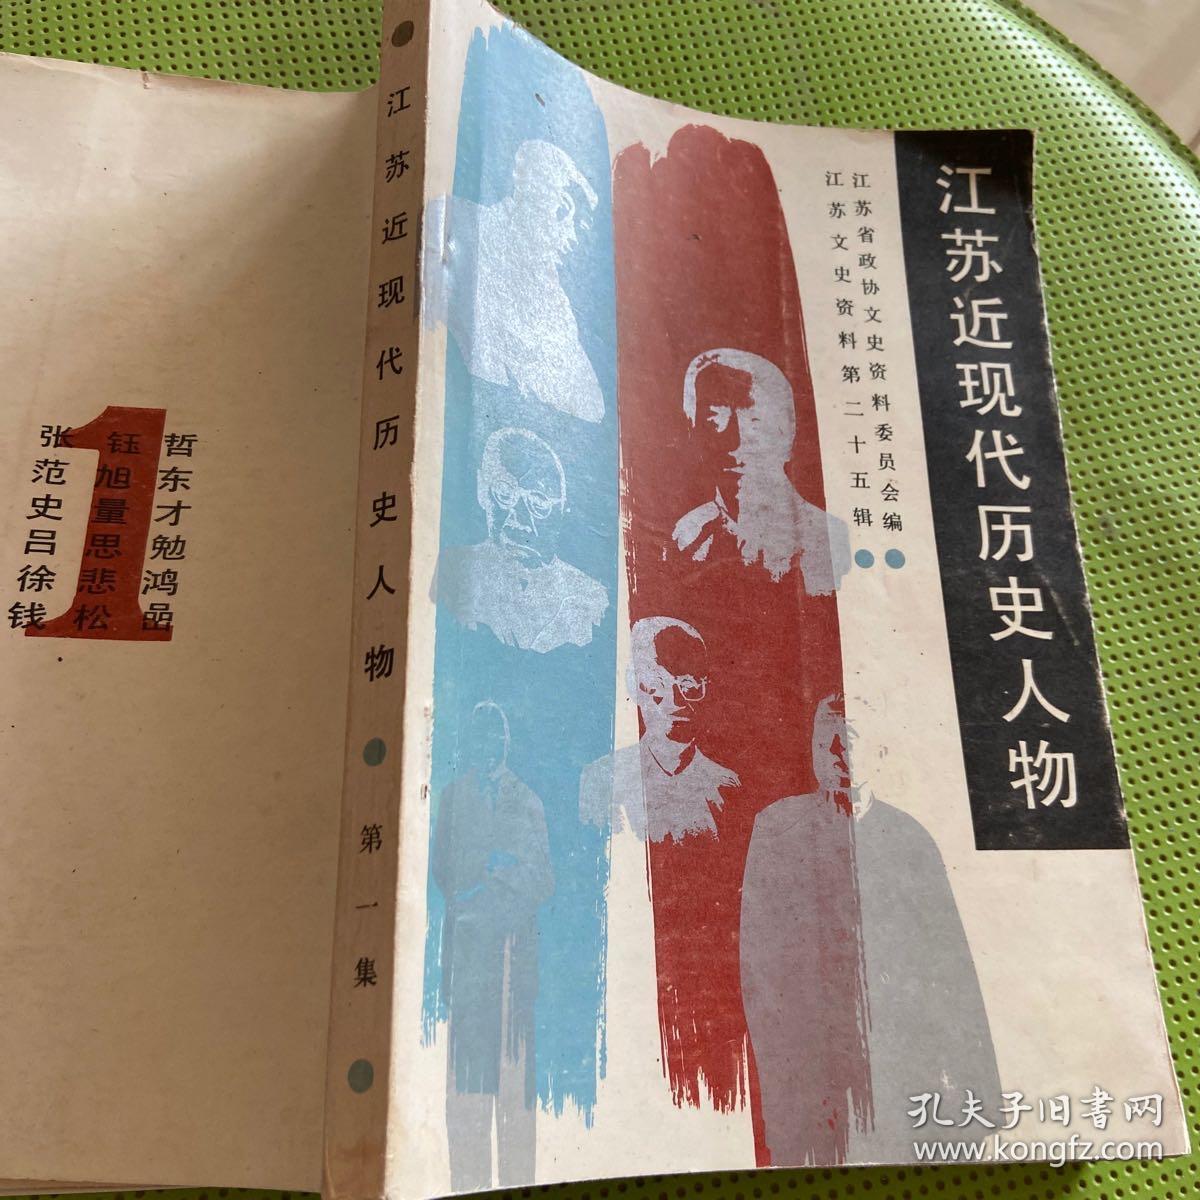 江苏近现代历史人物第一集